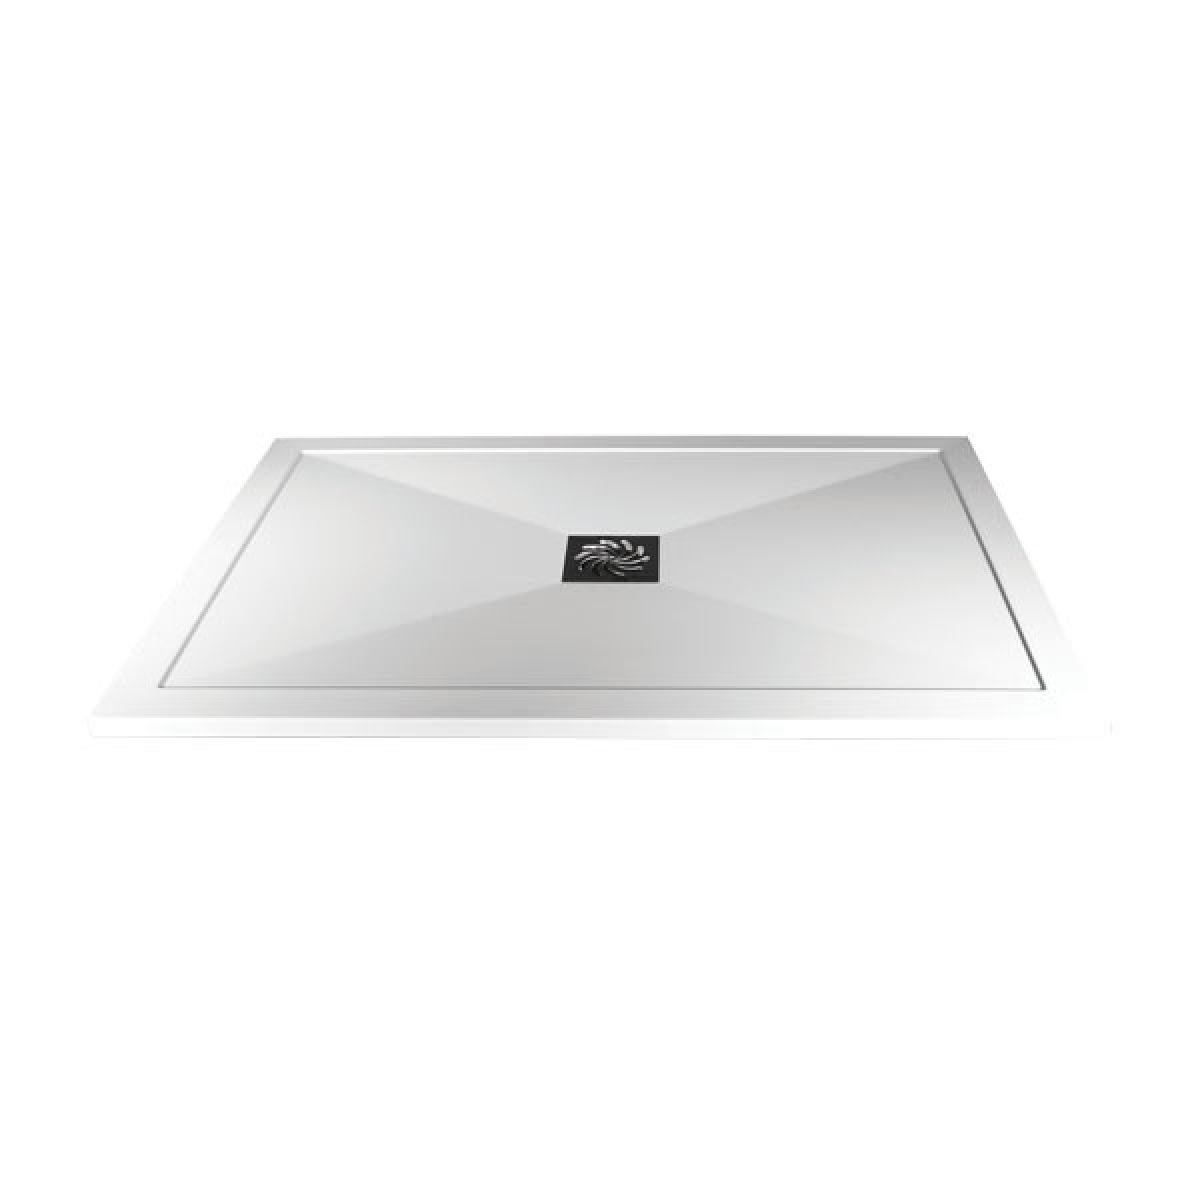 Frontline Slimline Rectangular Shower Tray 1700 x 700mm